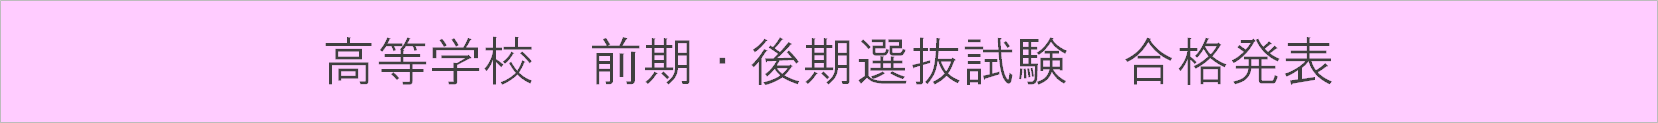 高等学校 前期・後期選抜試験 合格発表